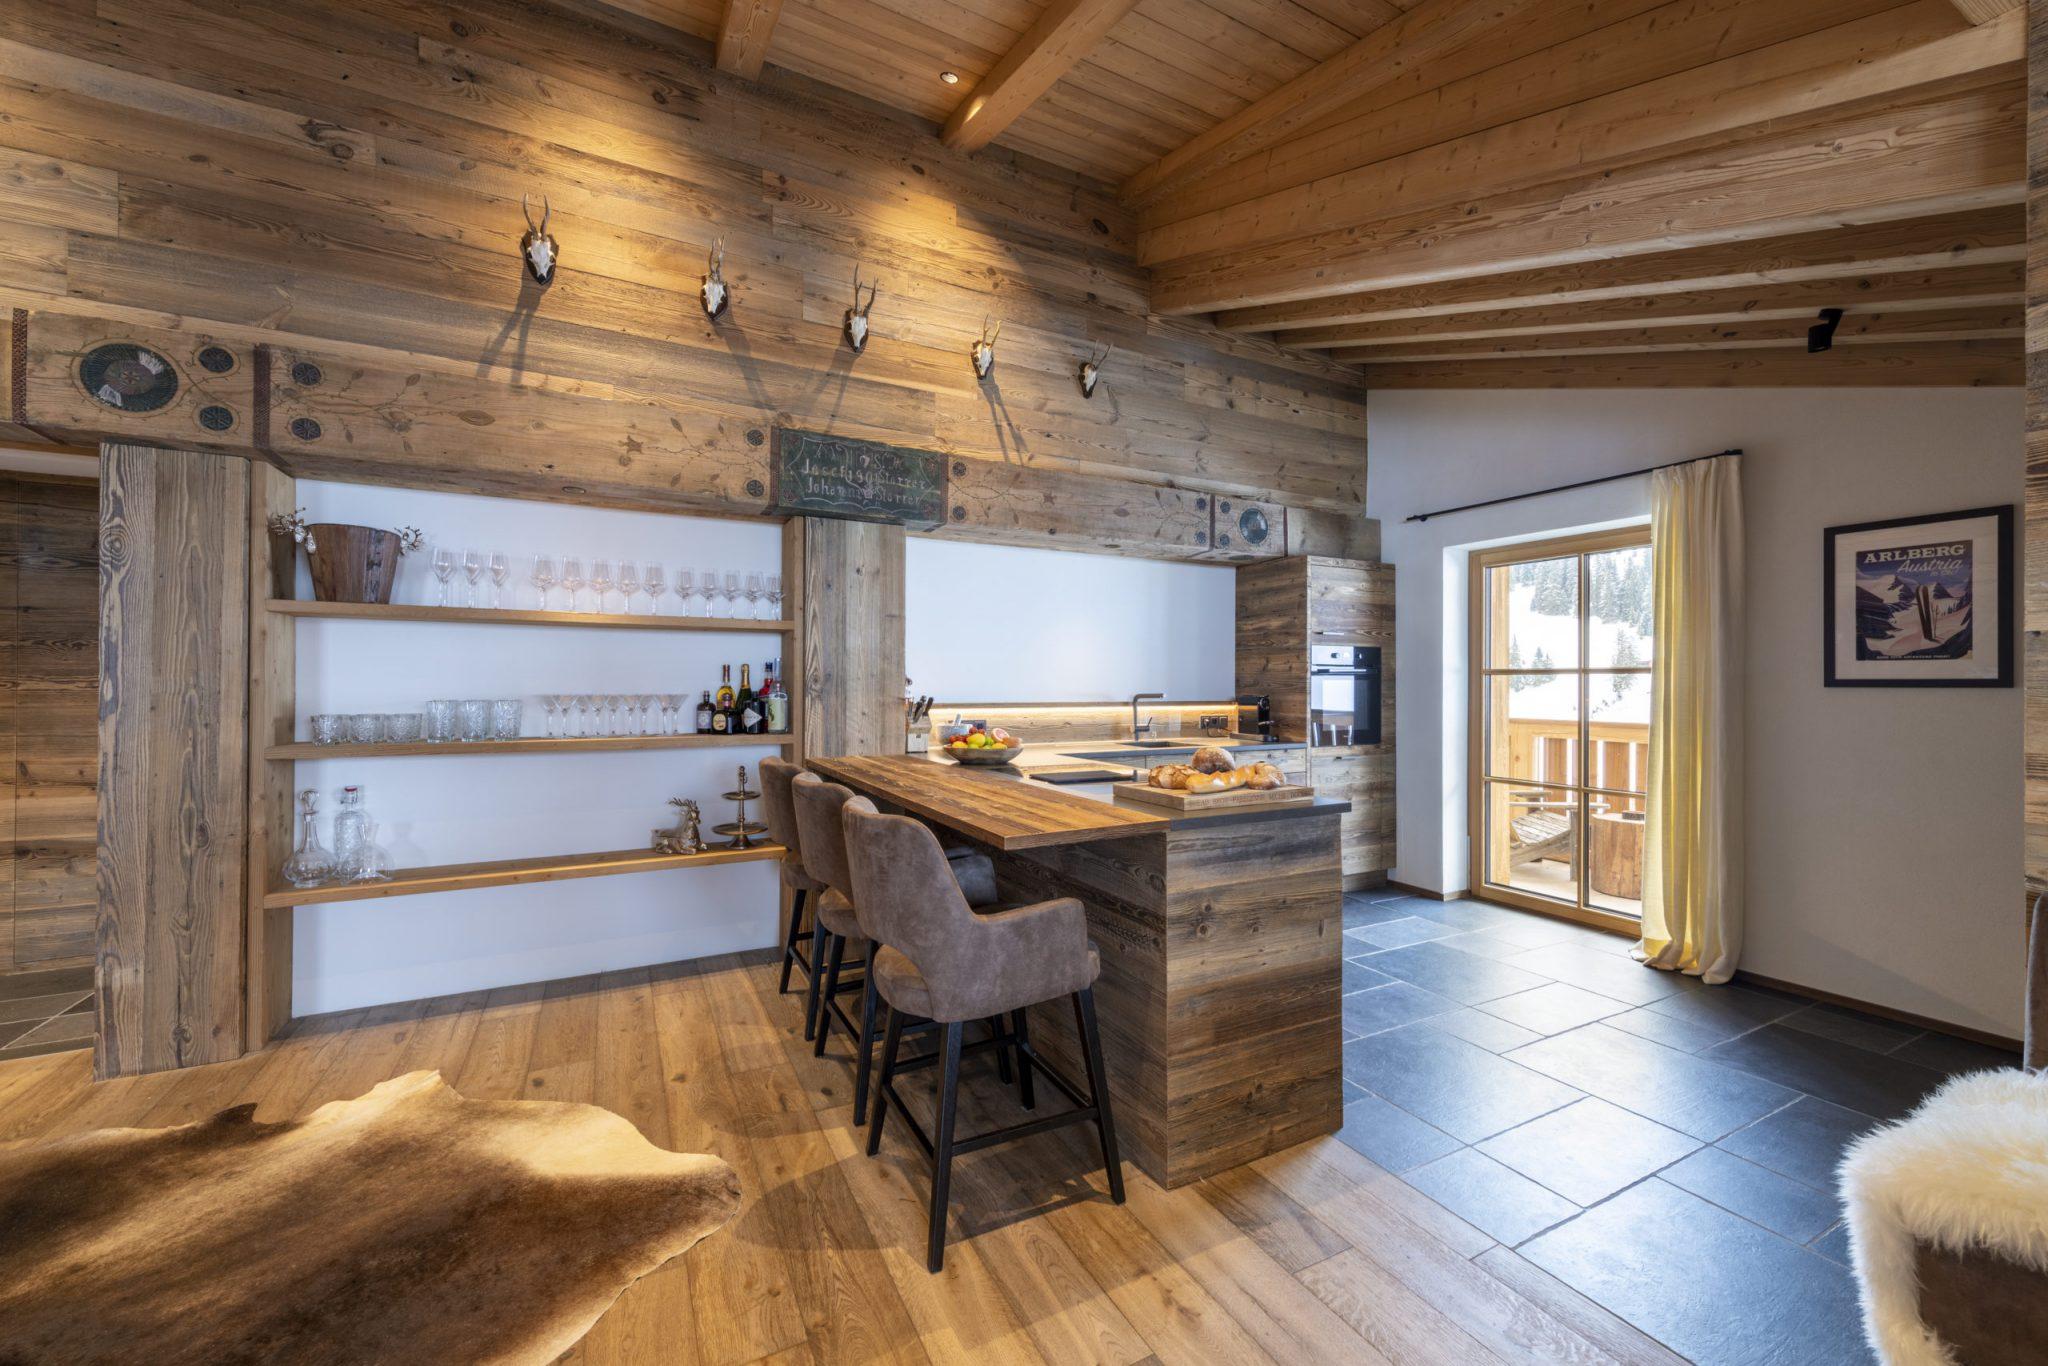 brunnenhof-11-11688-scaled